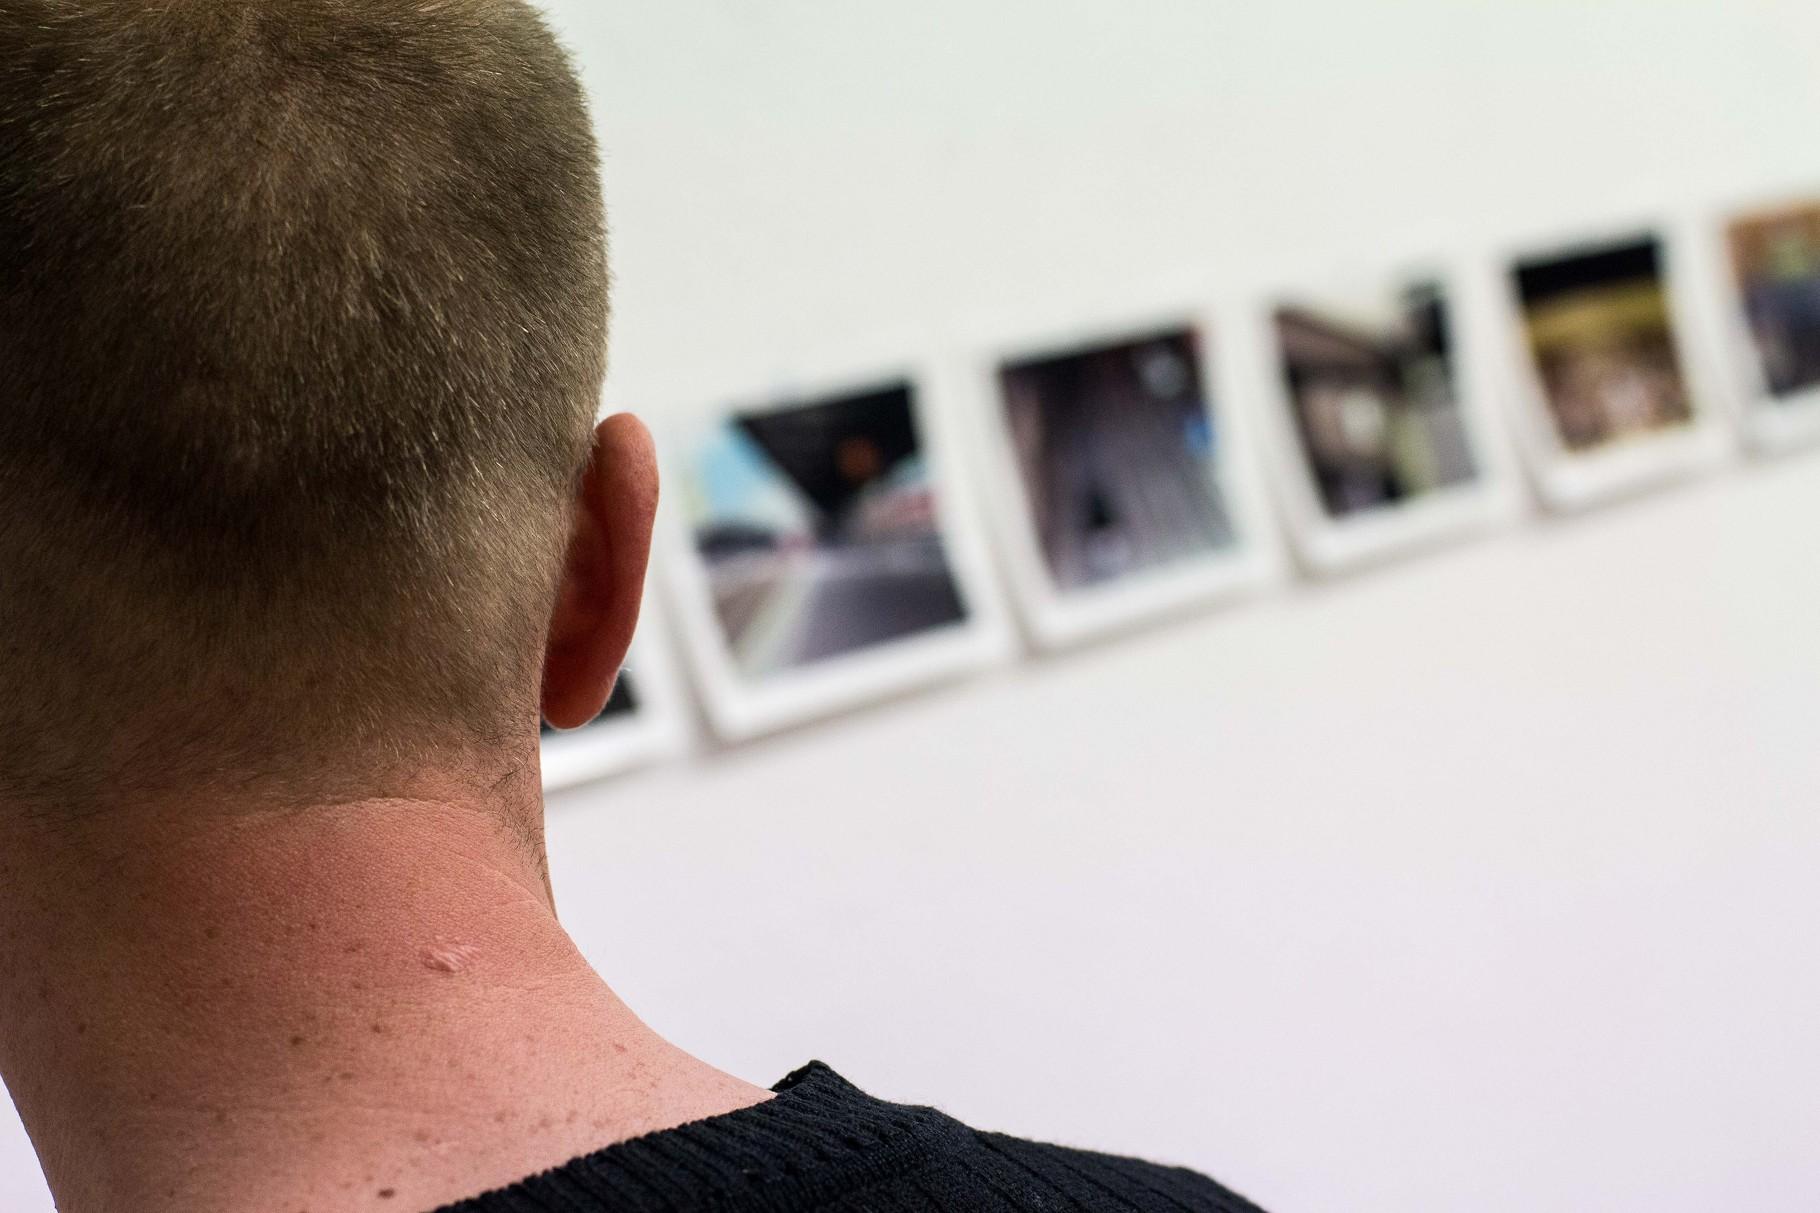 Hörorte - Bilder der Ausstellung im Forum für Kunst & Architektur - UG - Projektarchiv